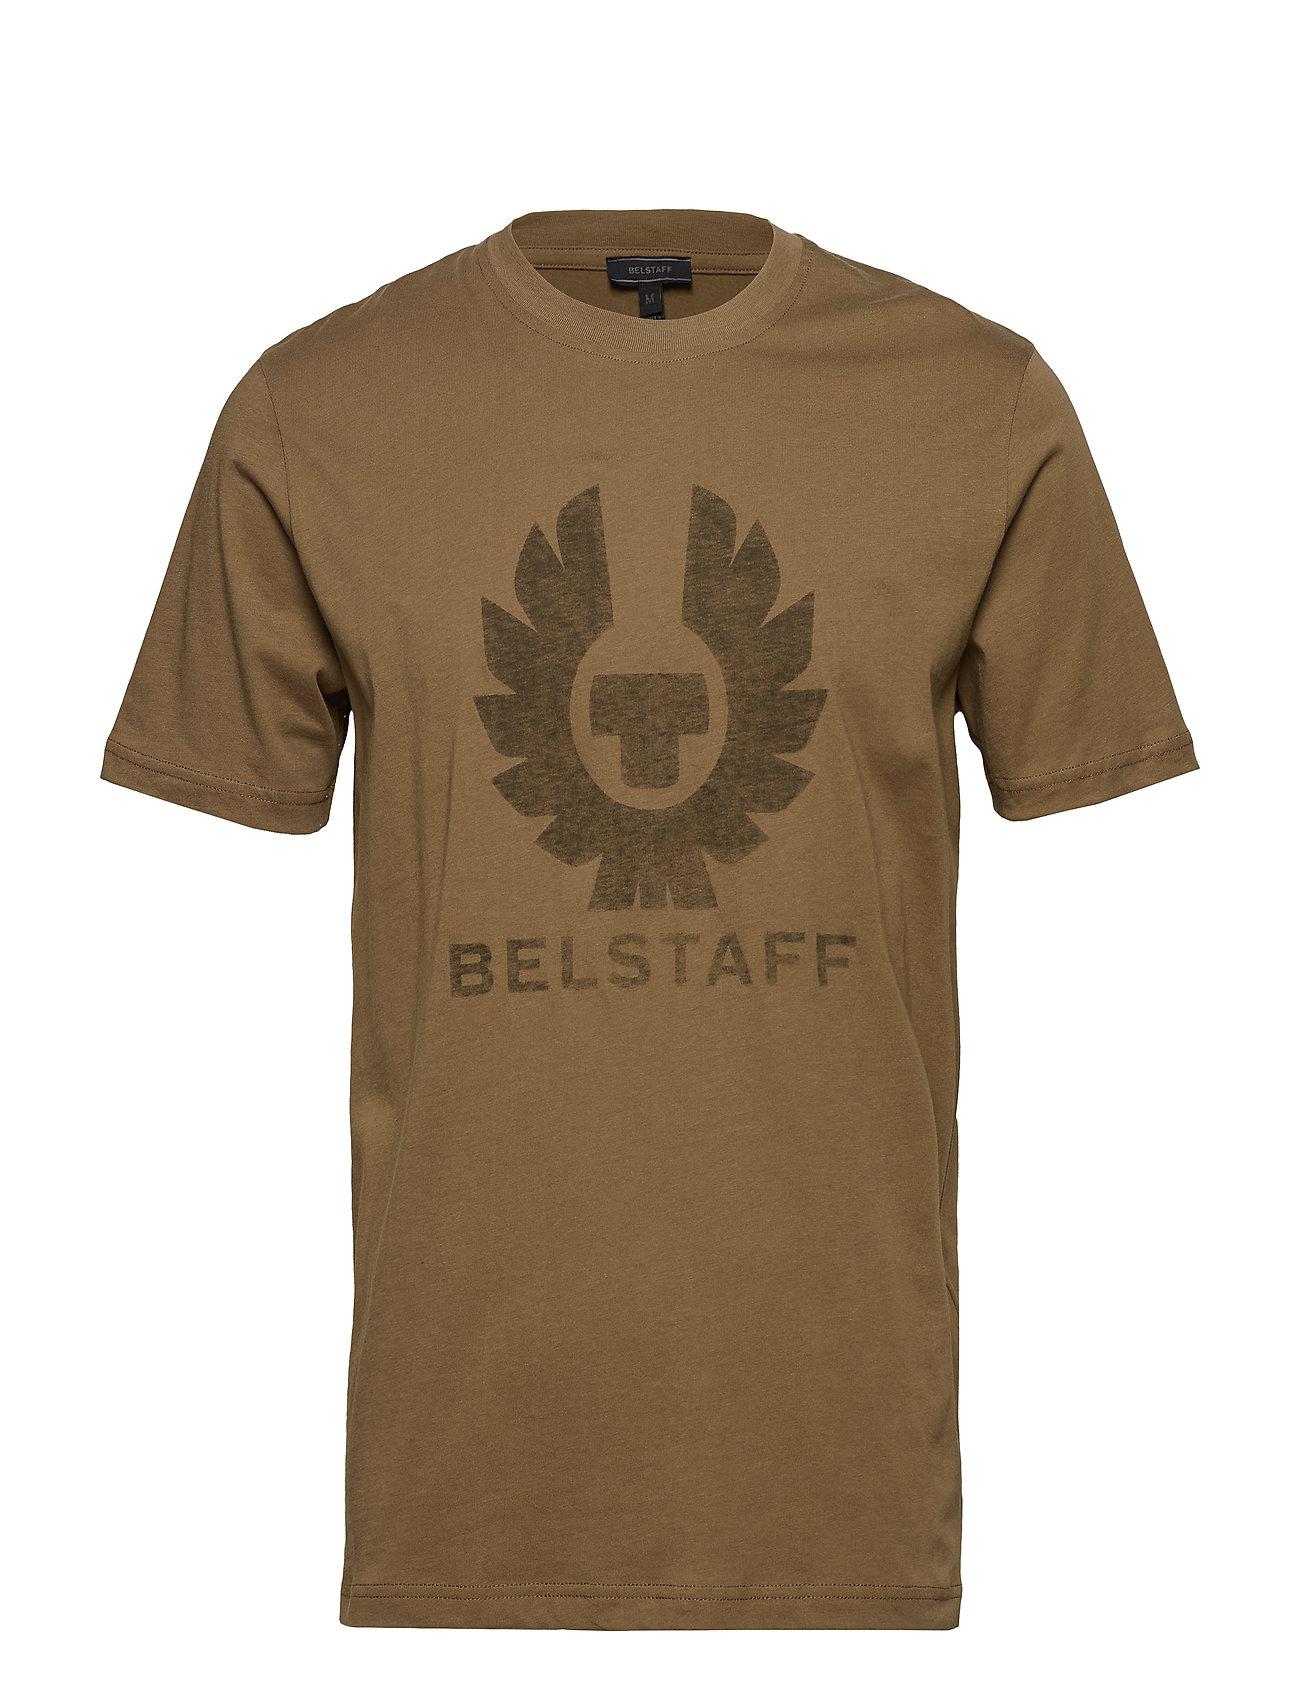 Belstaff COTELAND 2.0 - BRONZE OAK